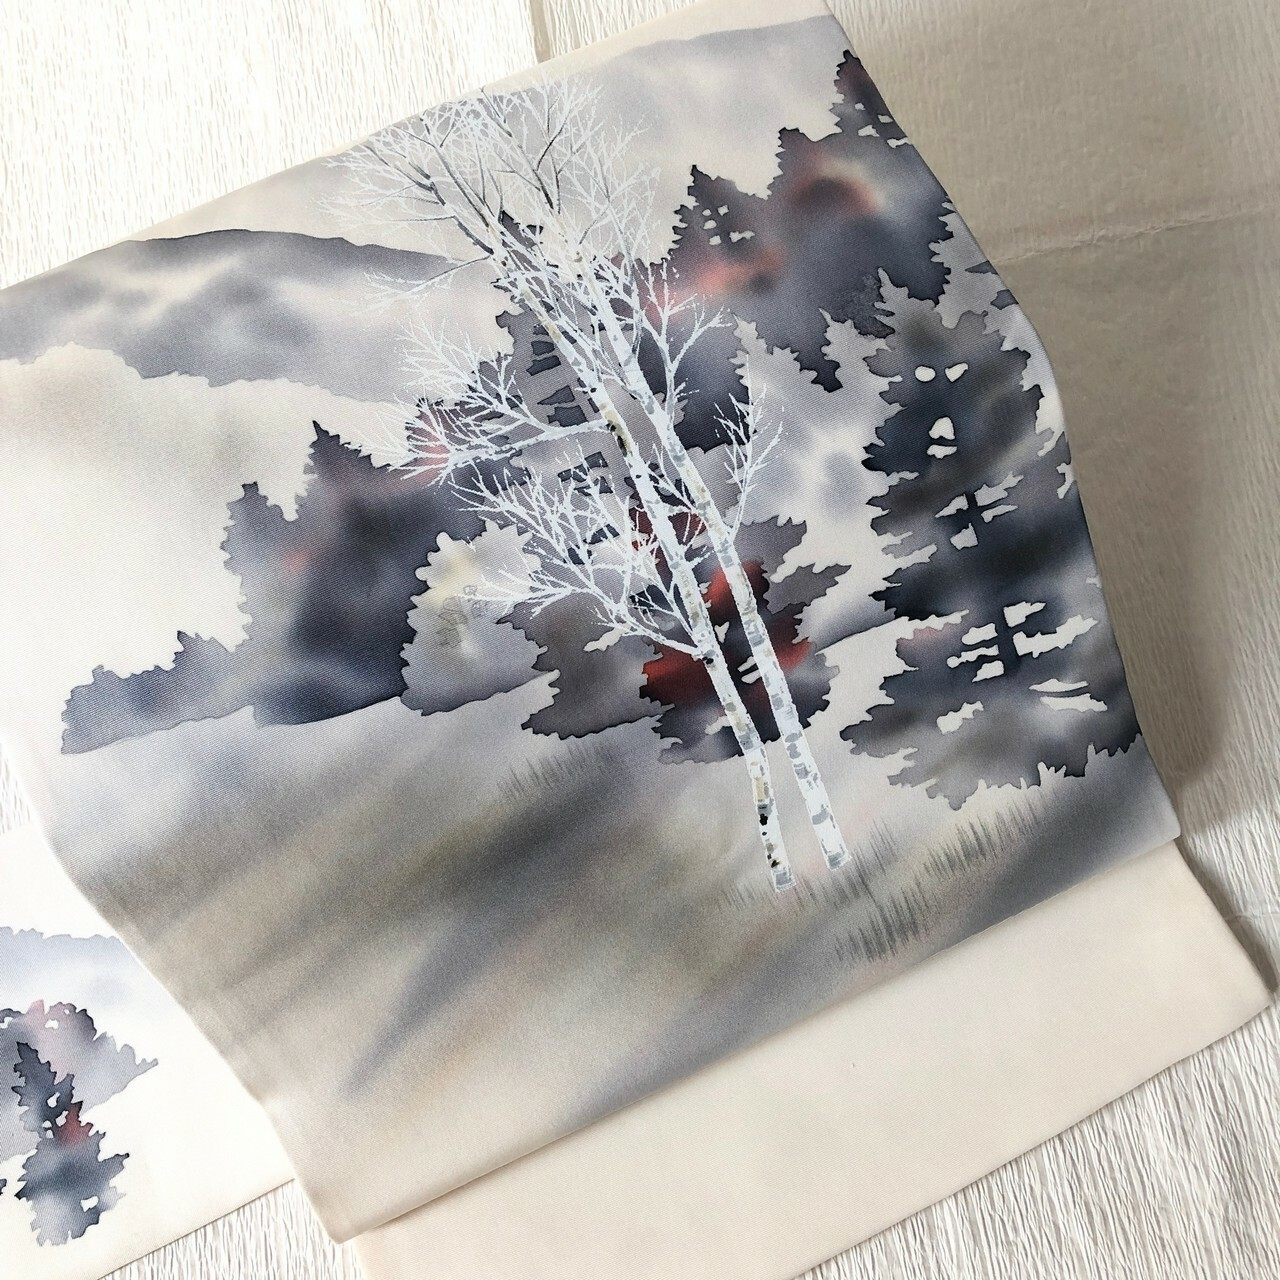 【塩瀬】9寸名古屋帯 お太鼓柄オフホワイト白樺に林爽やかさ漂う作家物